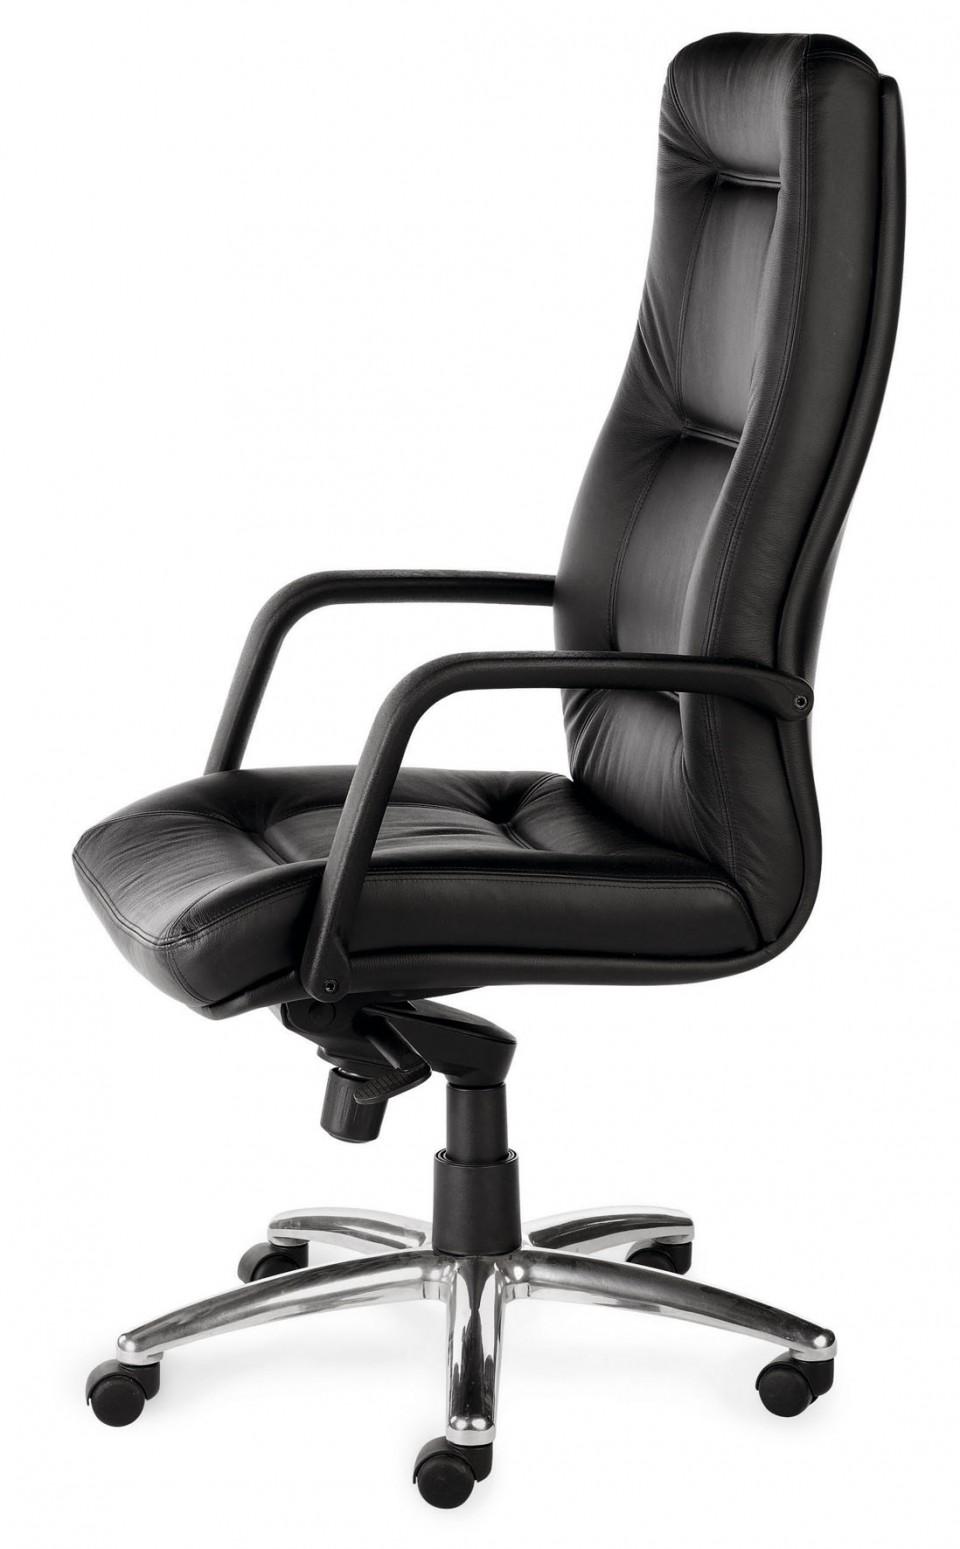 fauteuil de direction cuir mex achat fauteuils de direction 419 00